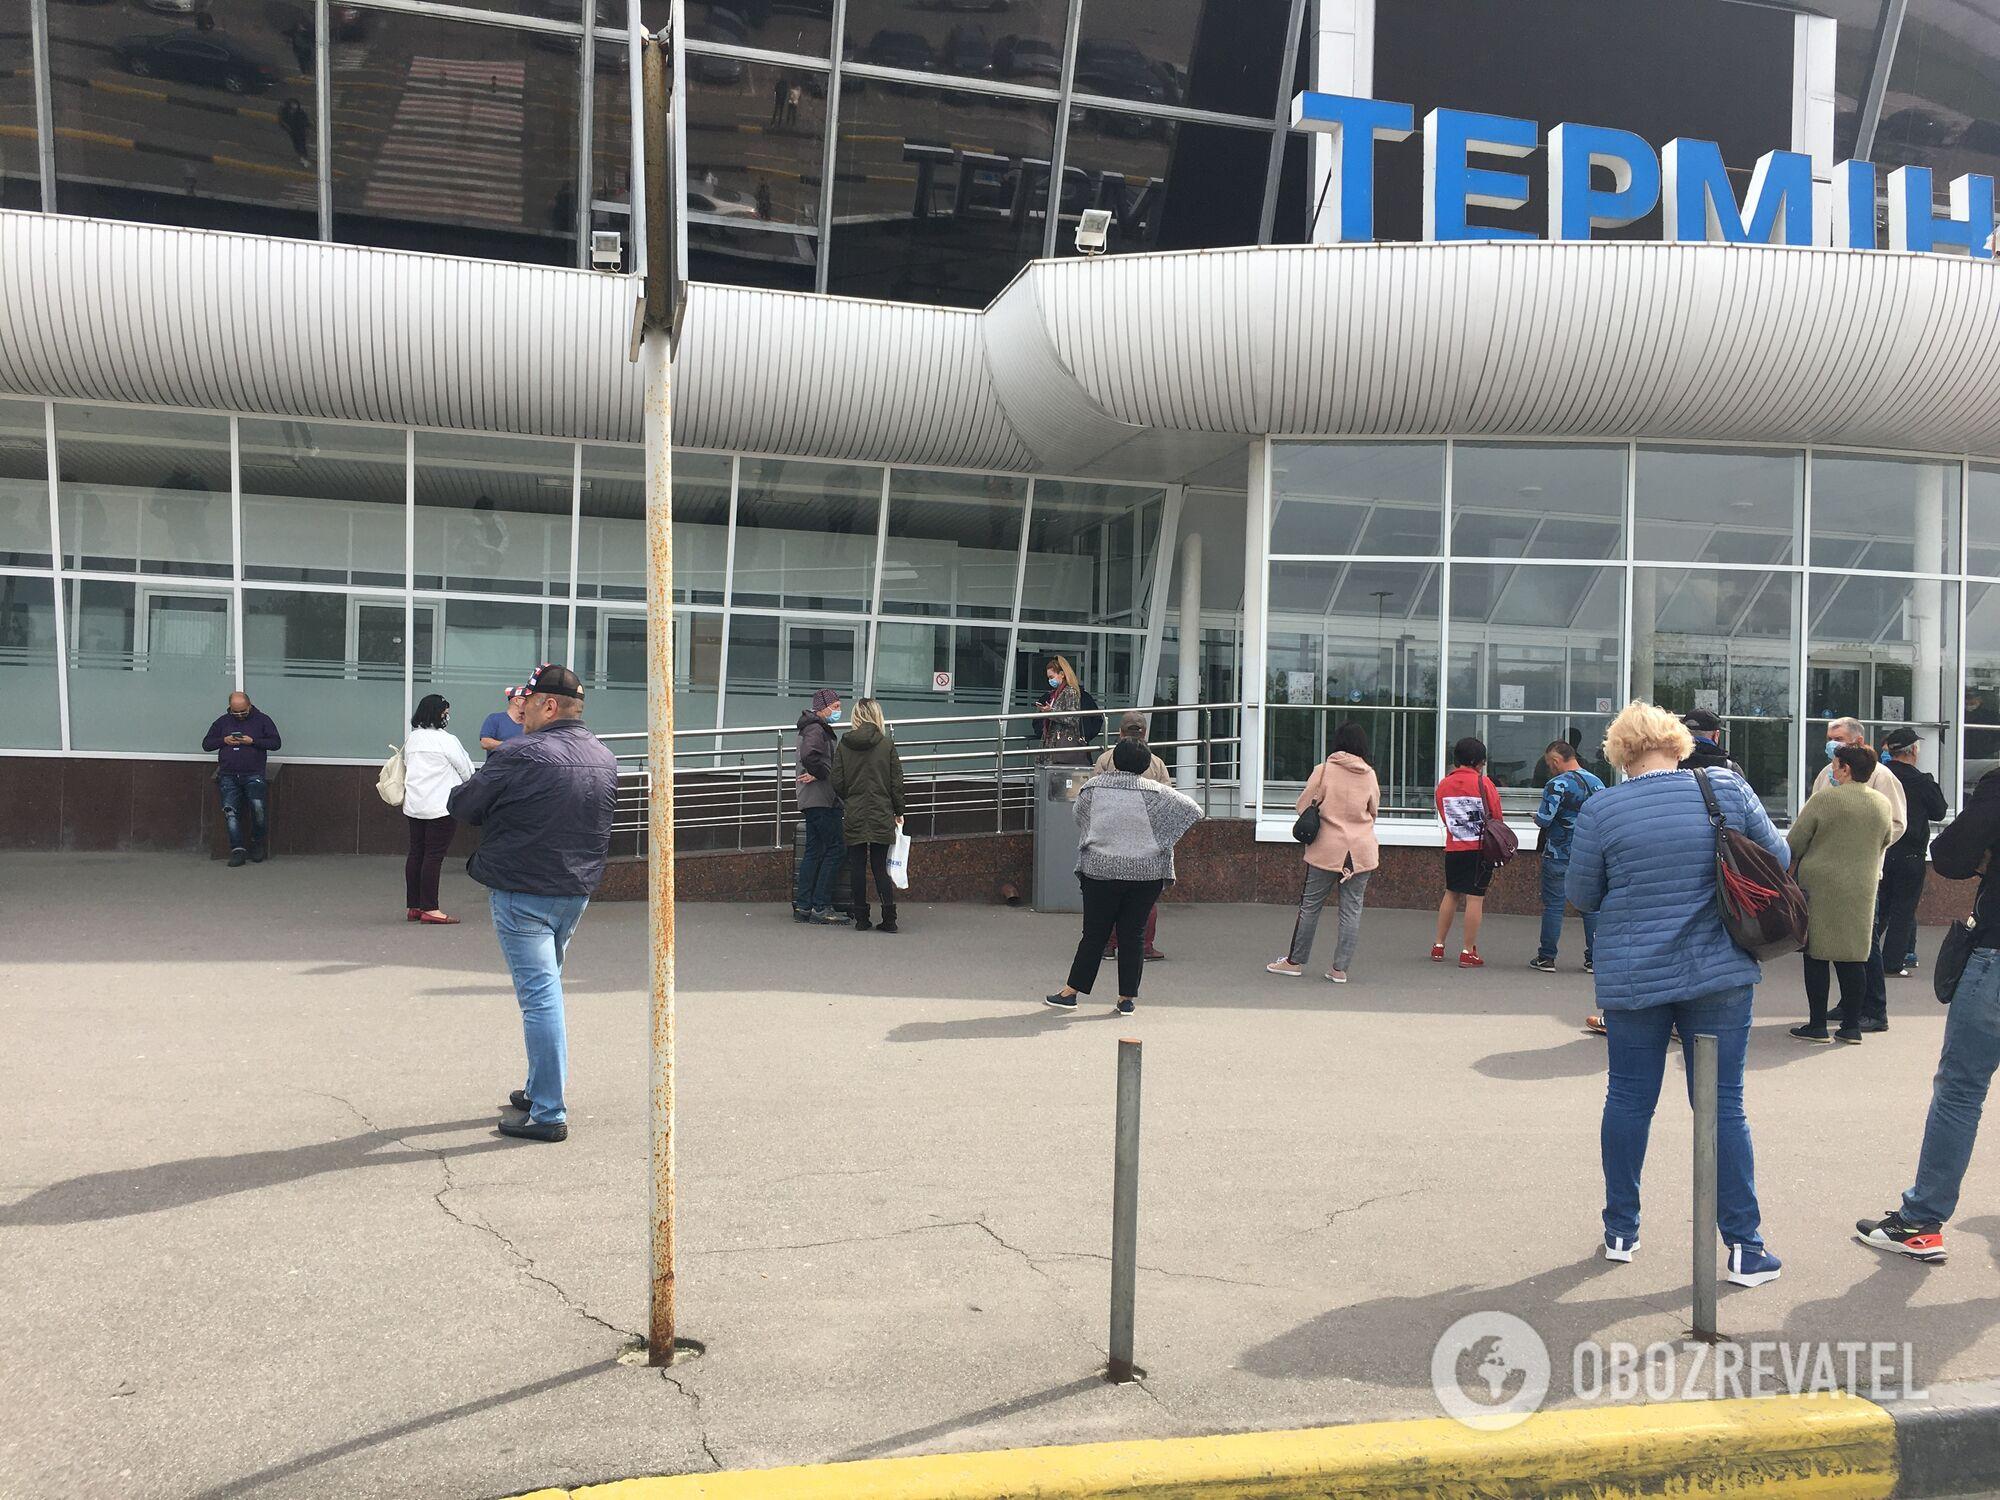 Терминал закрыт, поэтому ждать пассажиров родным пришлось на улице